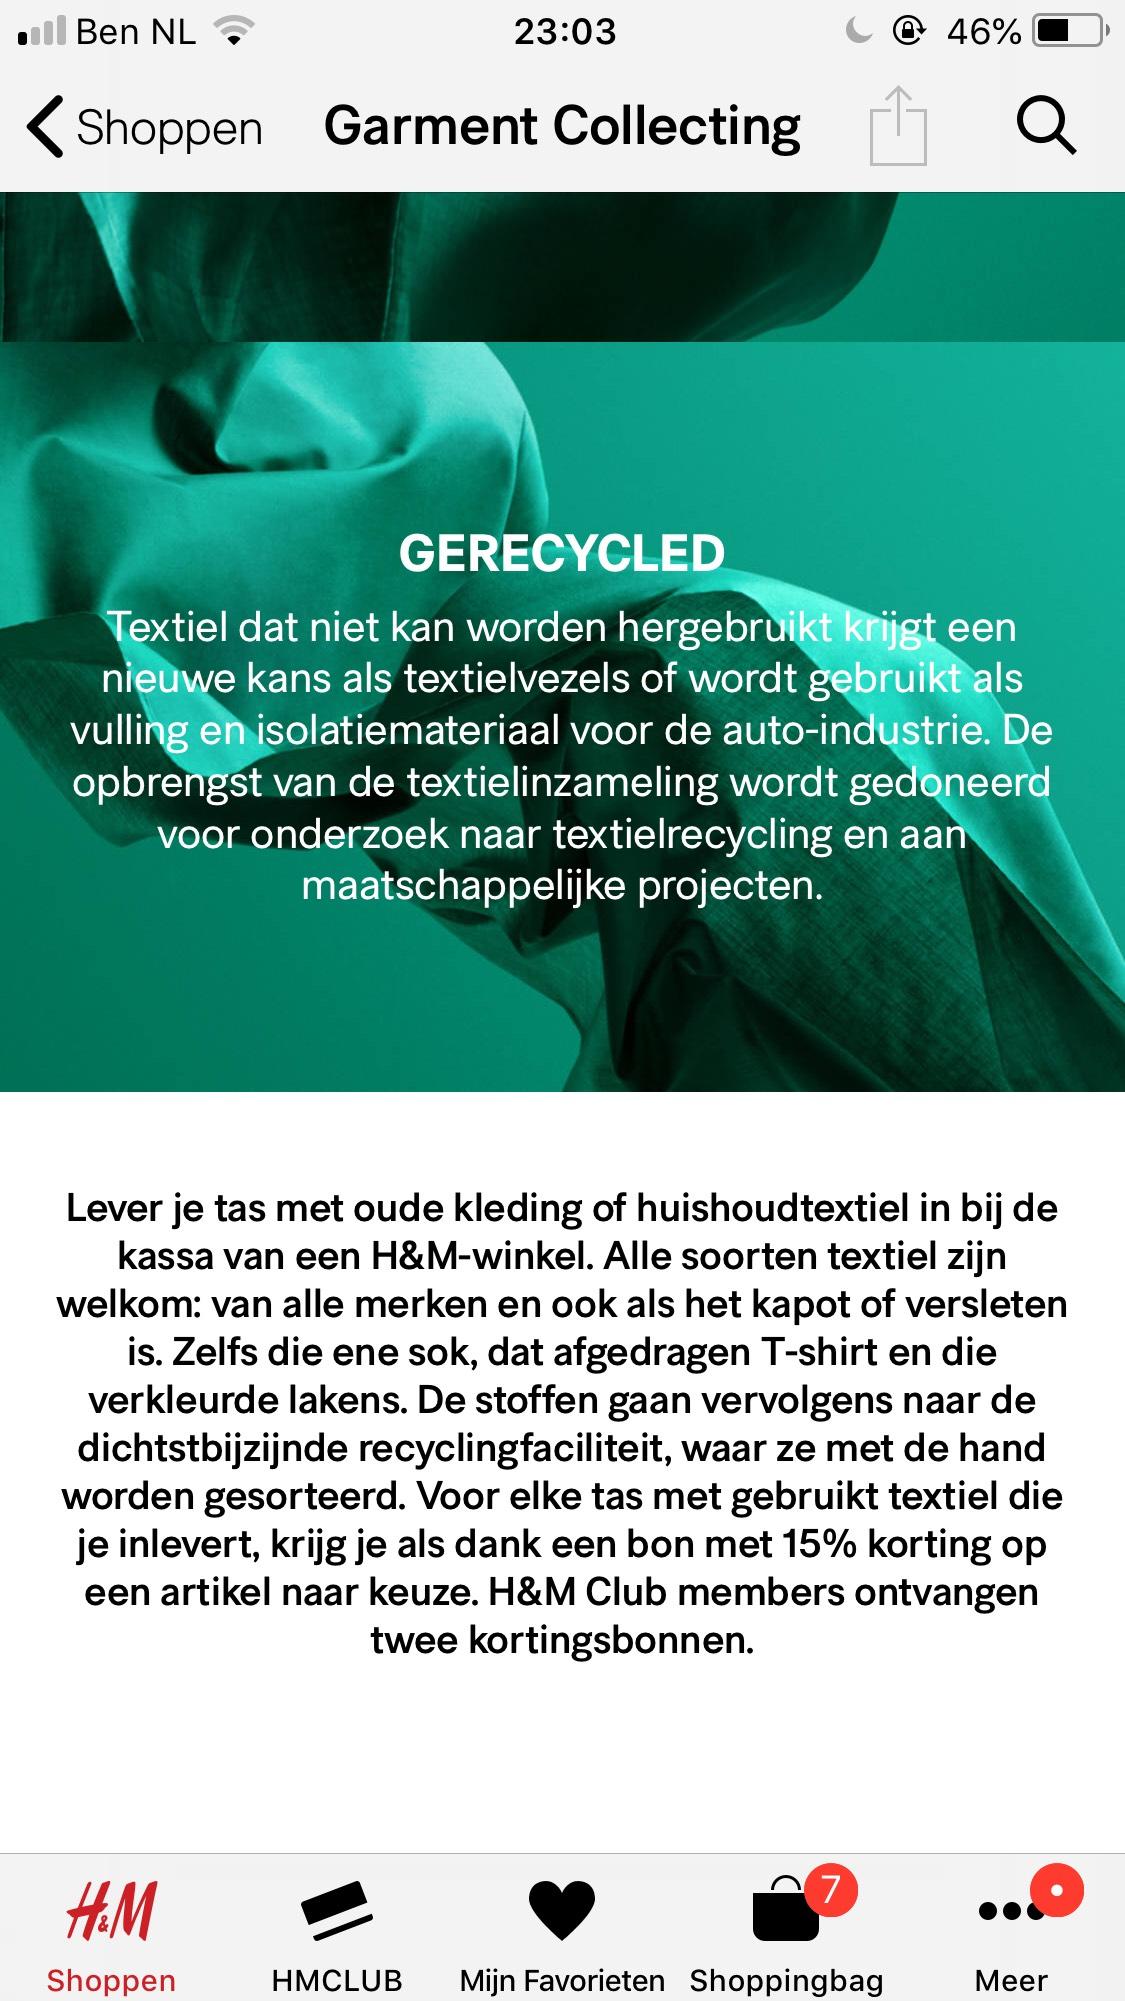 Recycle jouw kleding bij H&M en ontvang 15% Korting!